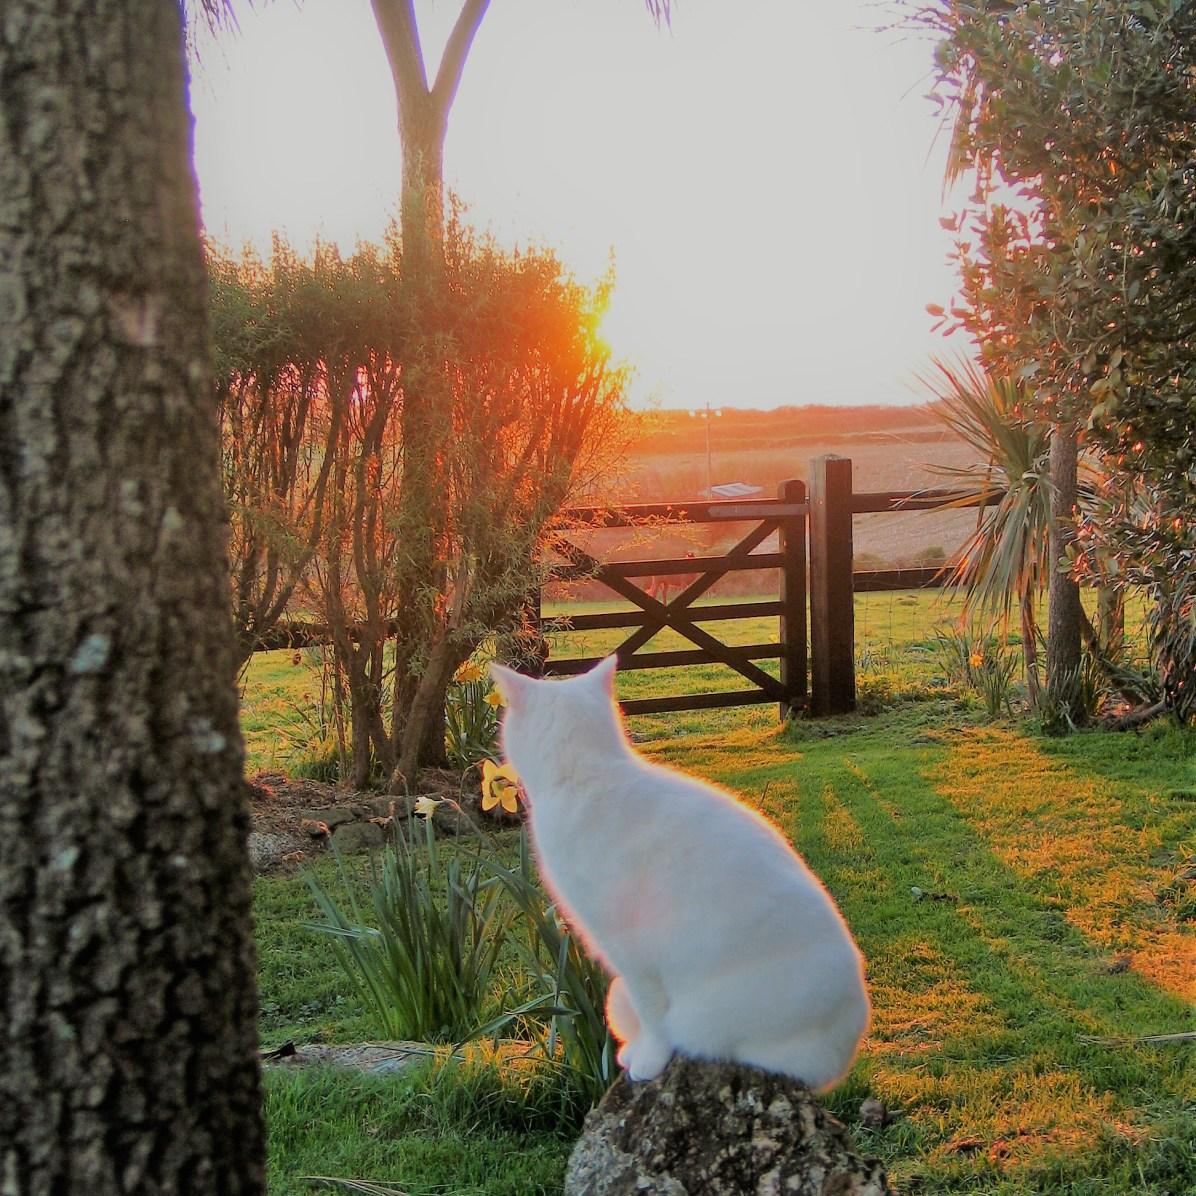 Golden light from the sunset in the garden